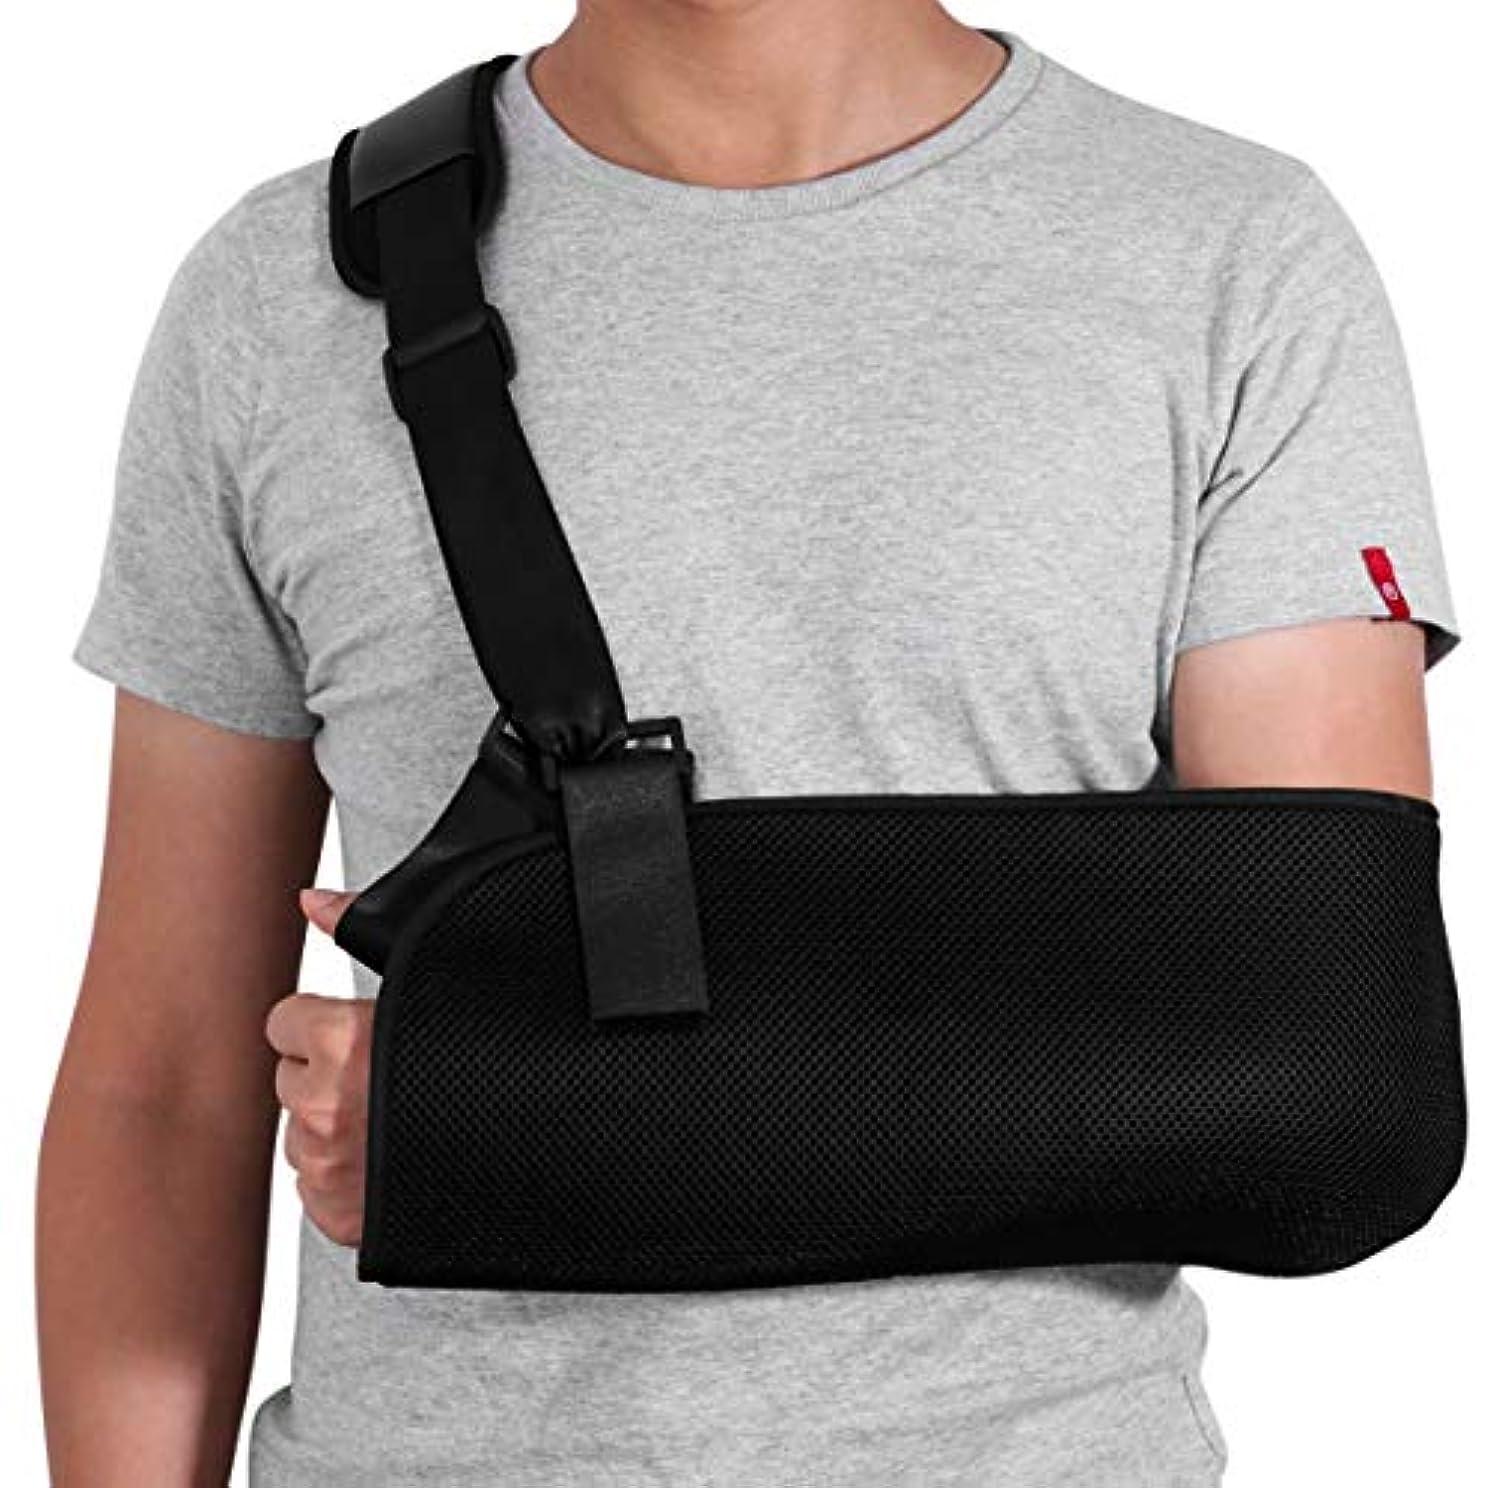 降下ジェット報酬のHealifty アームスリングメディカルサポートストラップショルダーブレース肘サポート骨折した骨折した腕2ピース